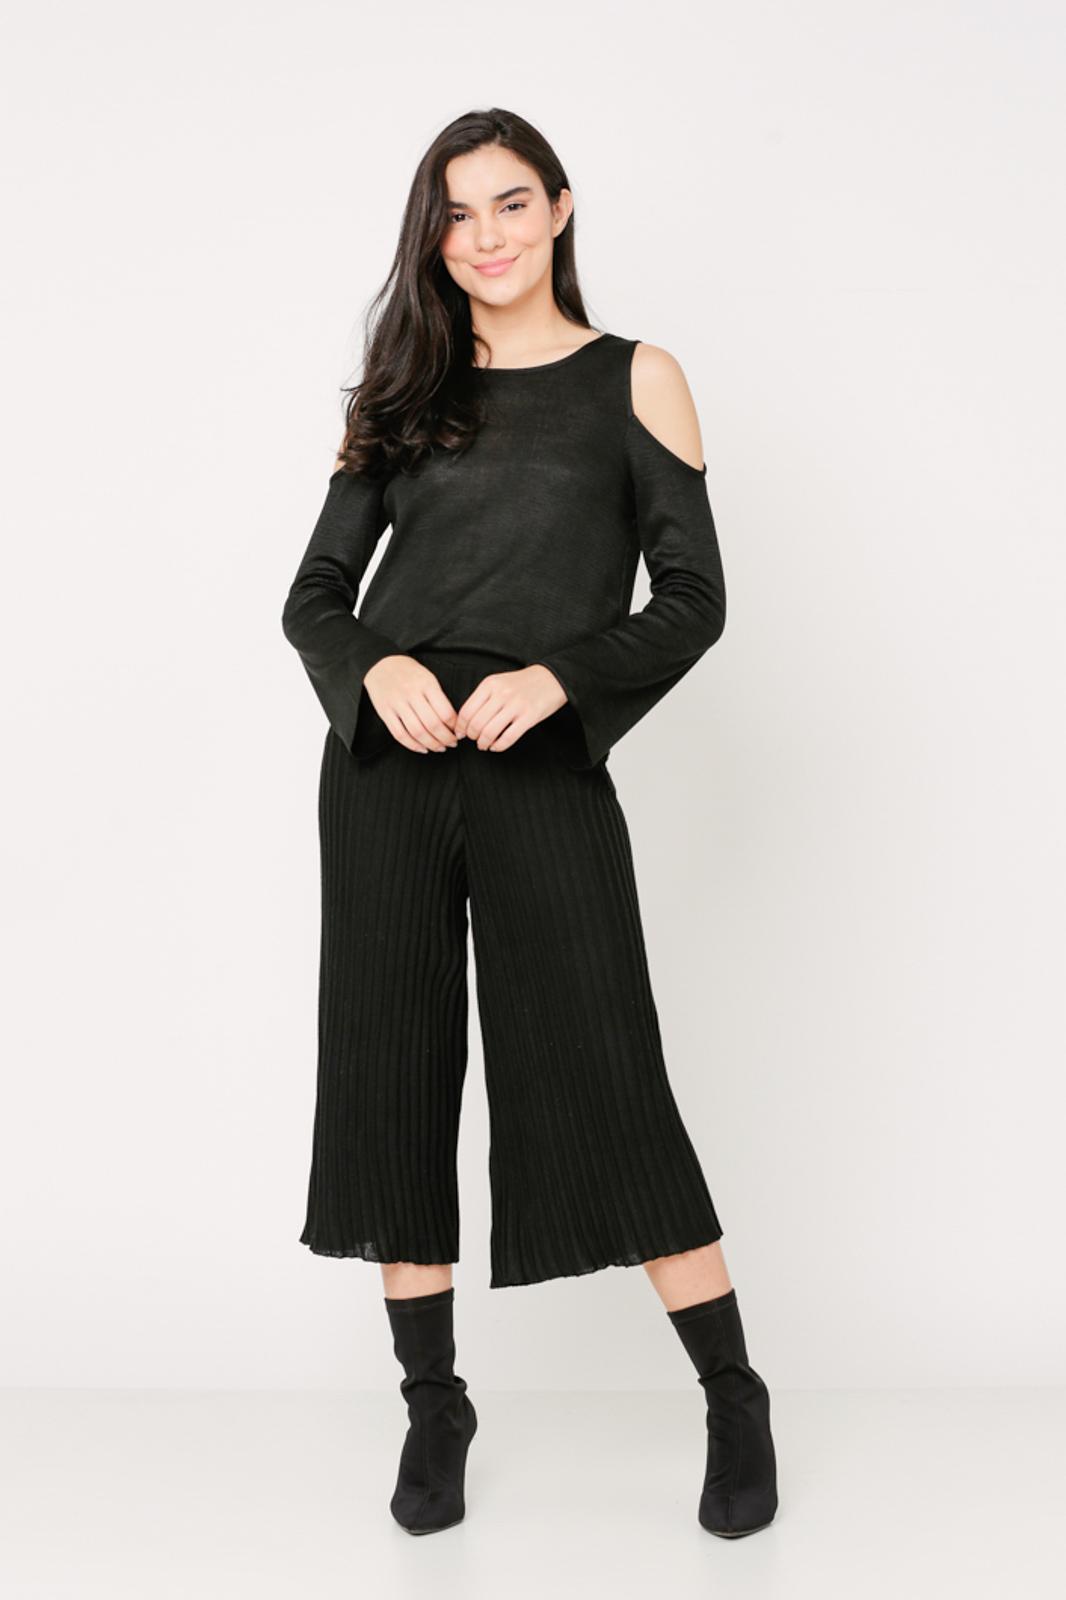 Conjunto de tricot Ralm calça pantacourt nervuras e blusa ombros vazados - Preto